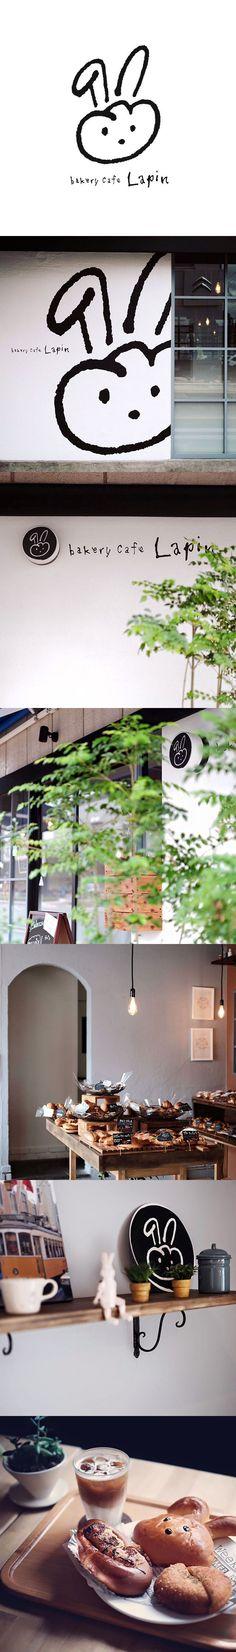 ロゴをデザインさせていただいた、bakery cafe Lapin様です。 ネーミングの由来から、ラ・パン(パン)と、ラパン(うさぎ)をシンプル...